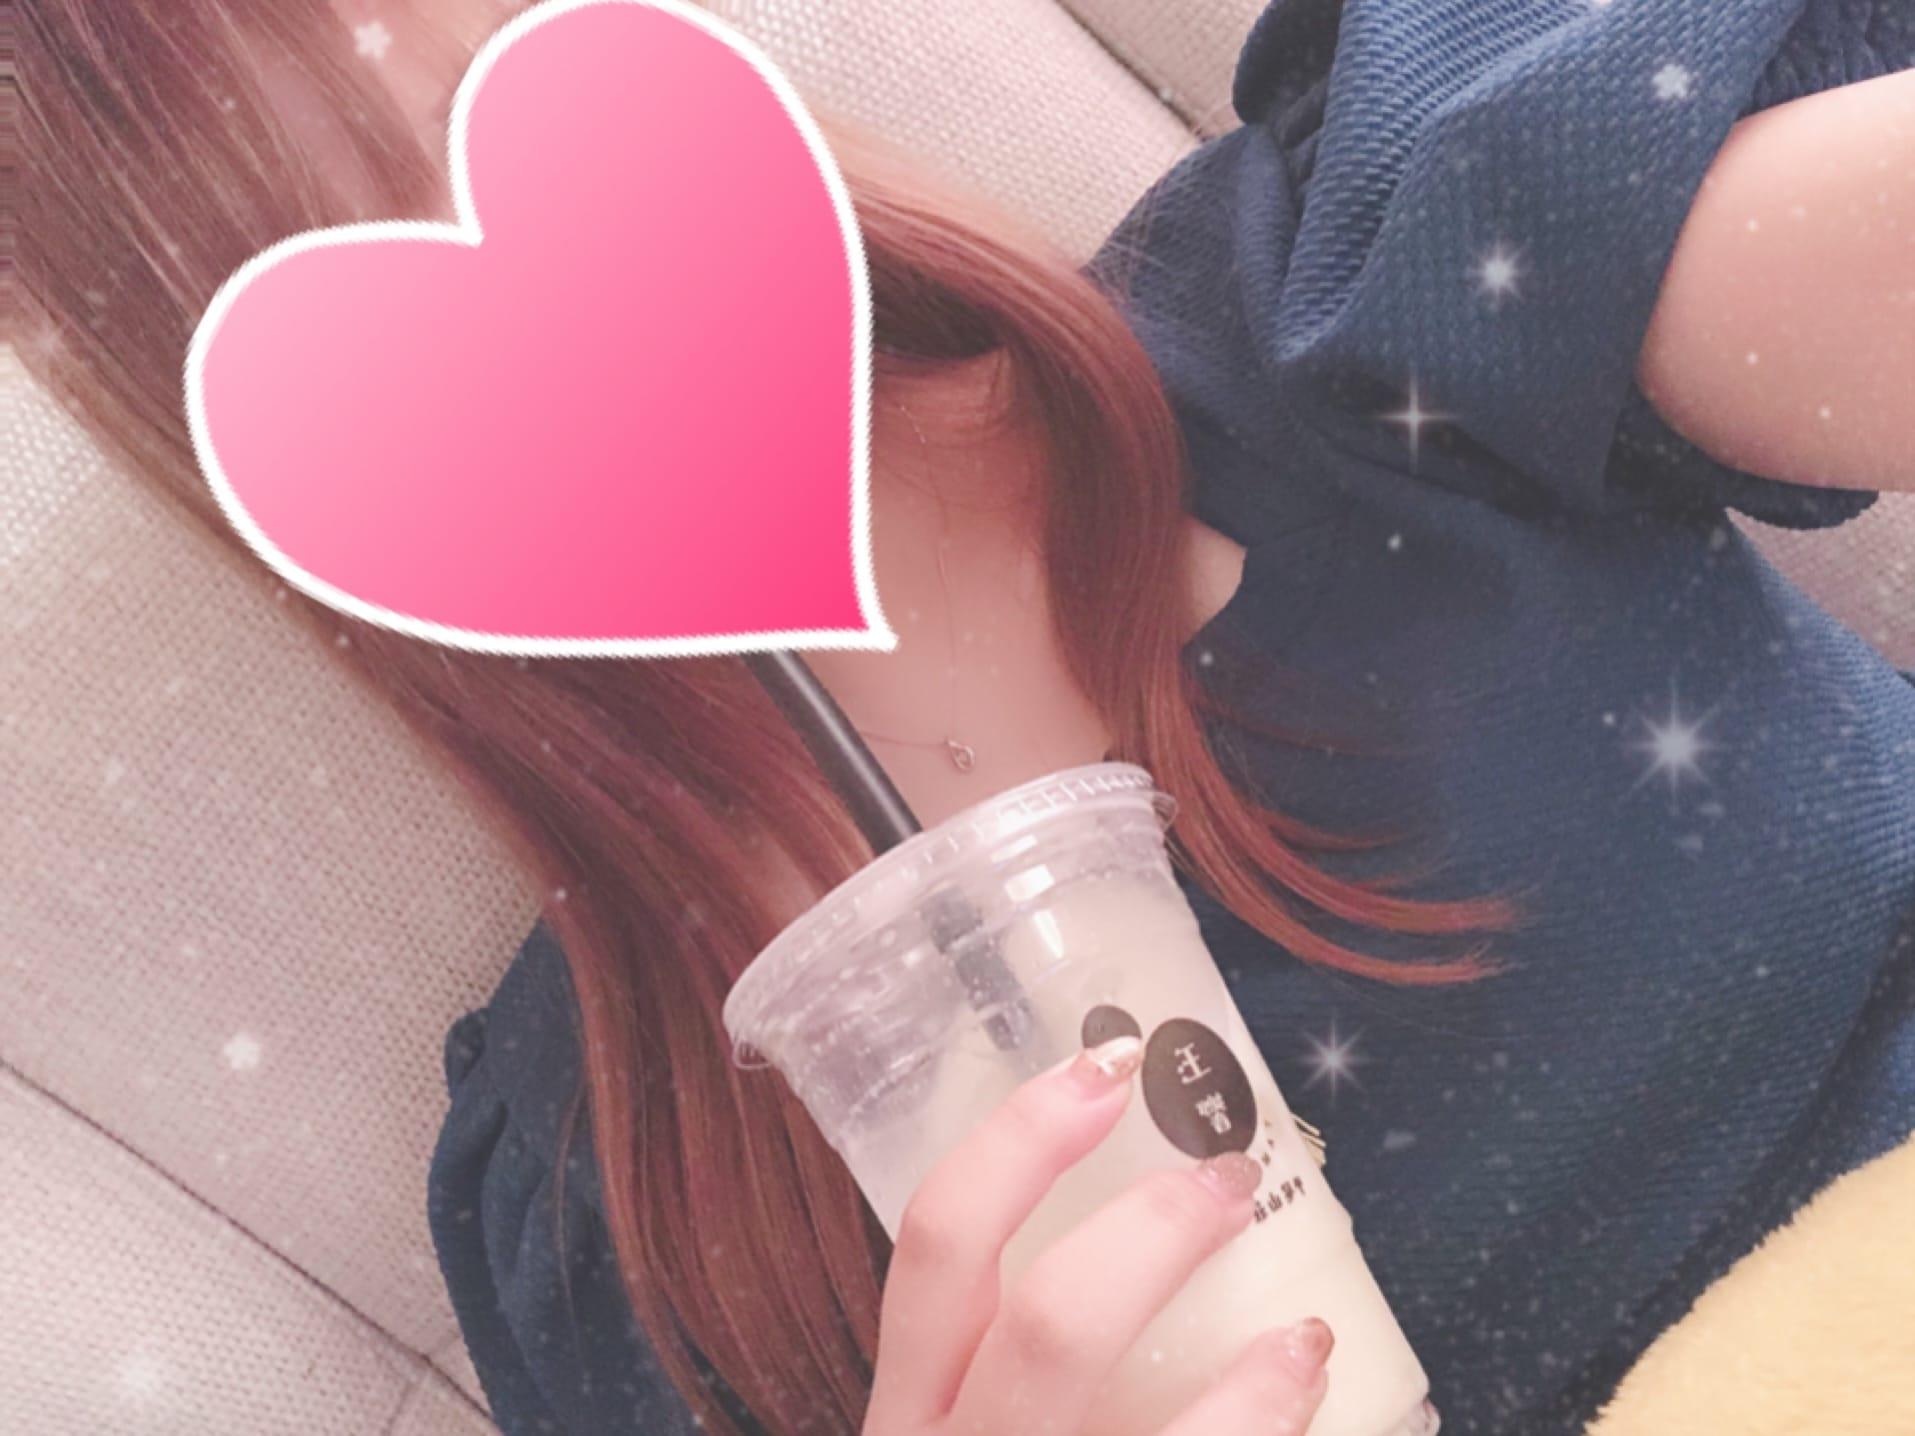 「お礼♡T様」10/24(日) 18:42 | キコの写メ日記